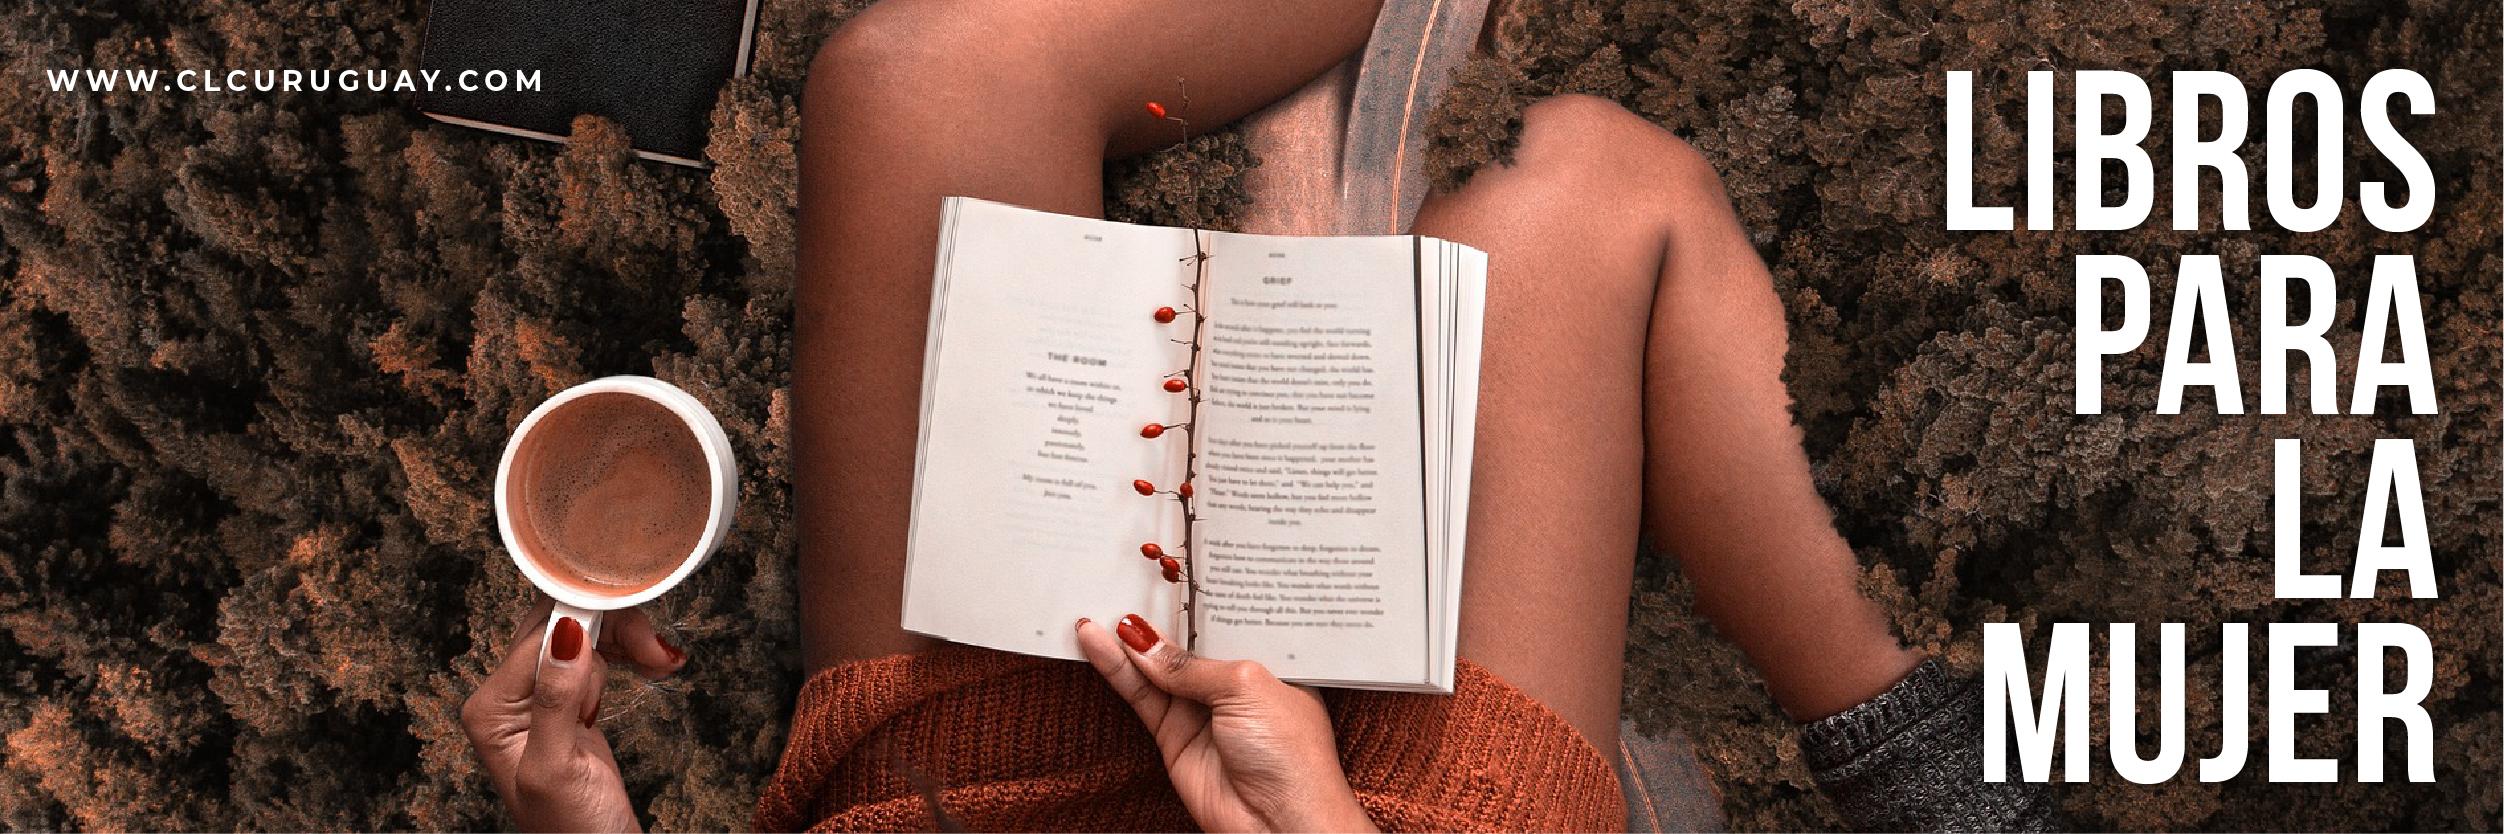 Libros para la mujer